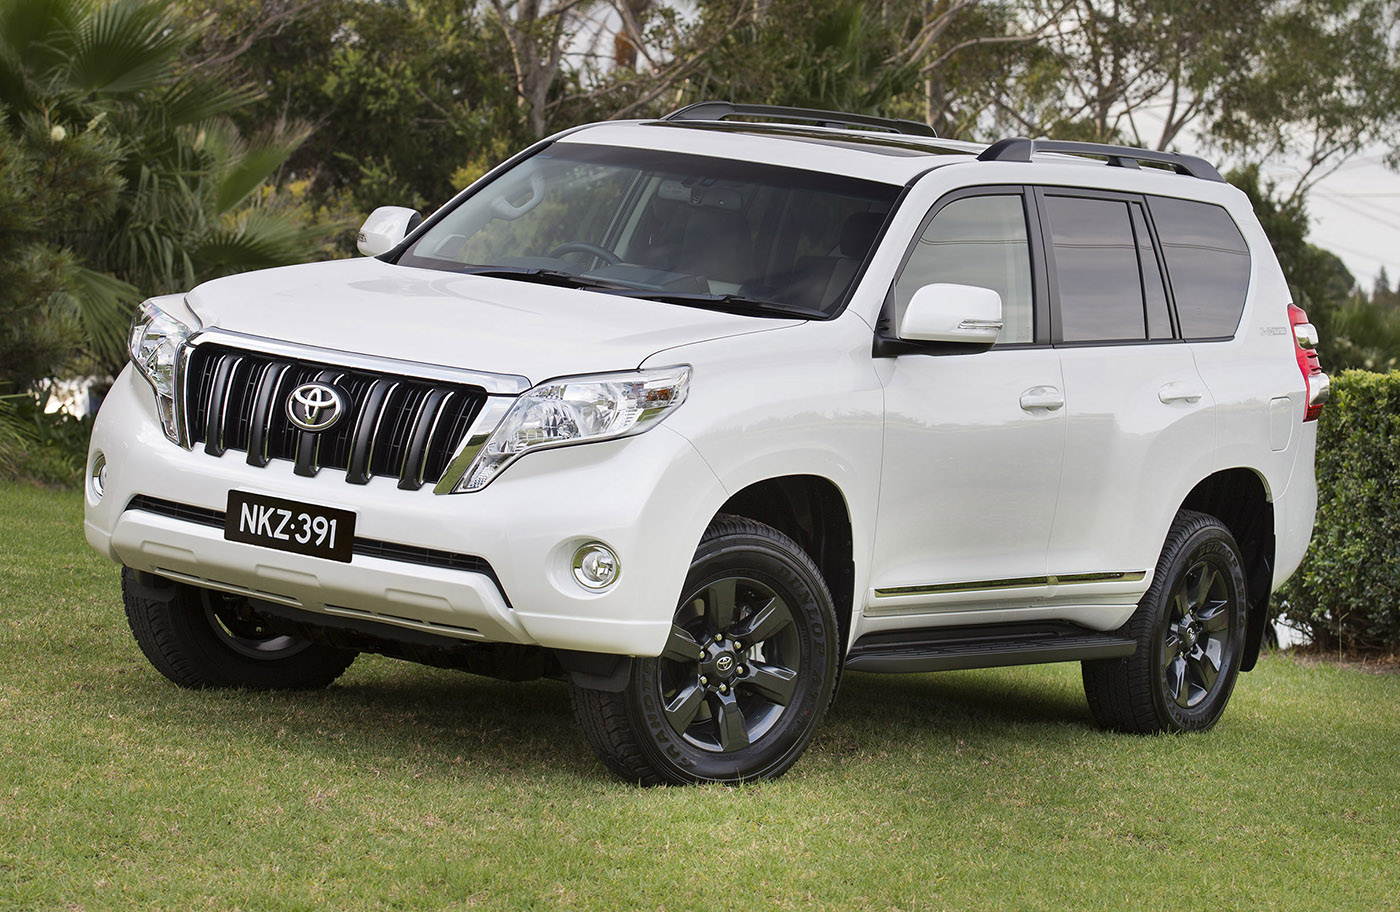 Toyota Prado Altitude: Special 'City SUV' Returns For 2015